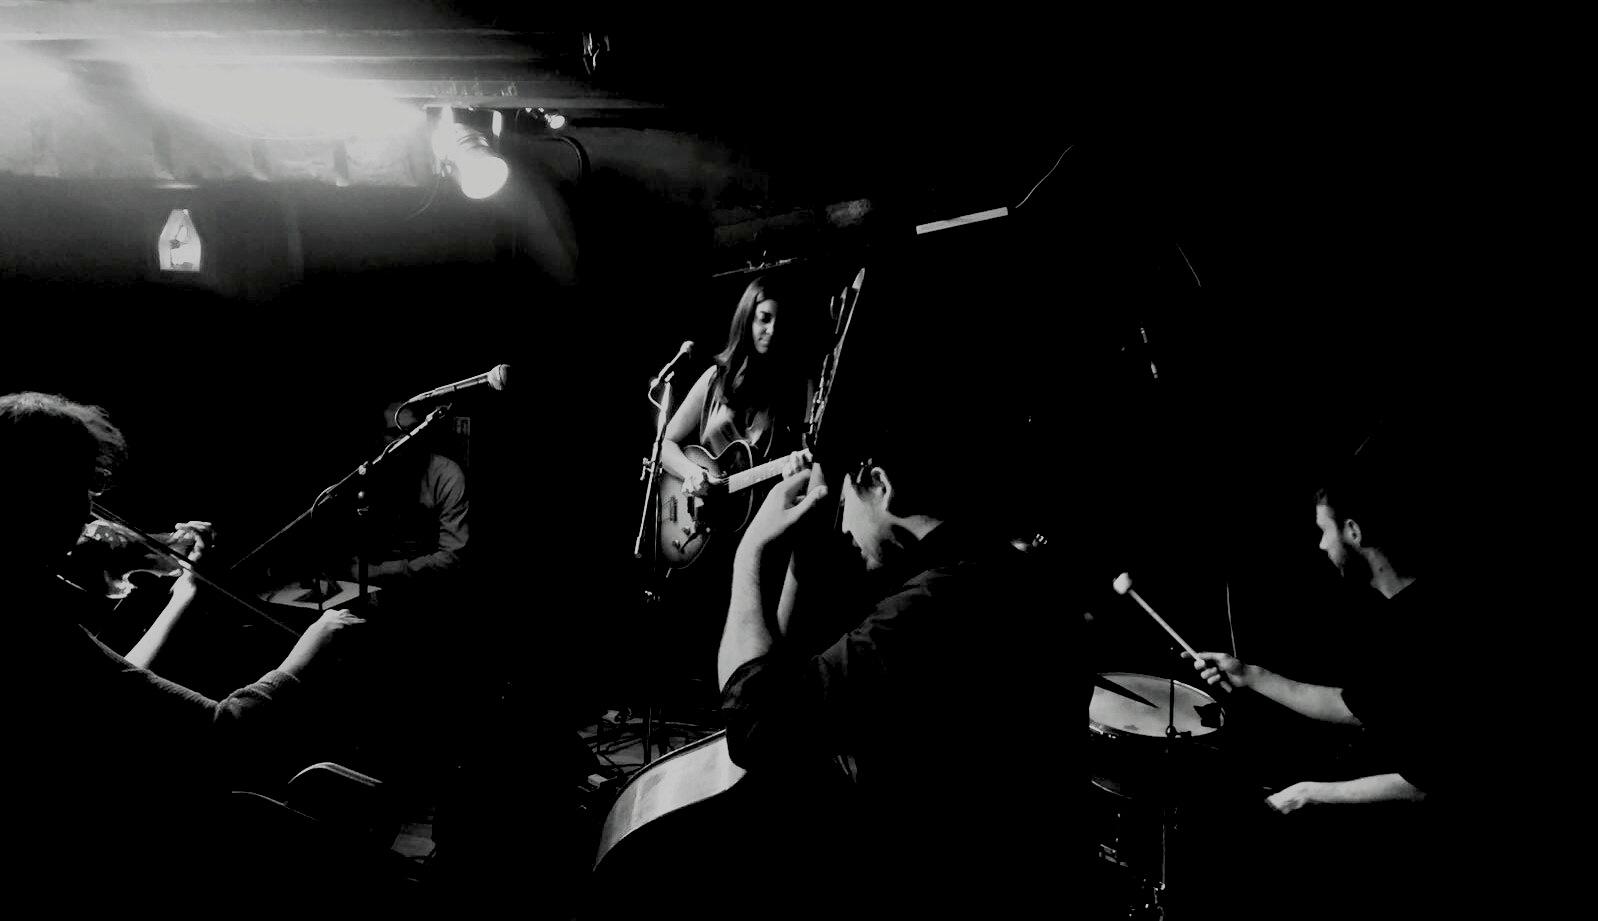 Servant Jazz Quarters, London  (© Jacynta Mirmikidis)